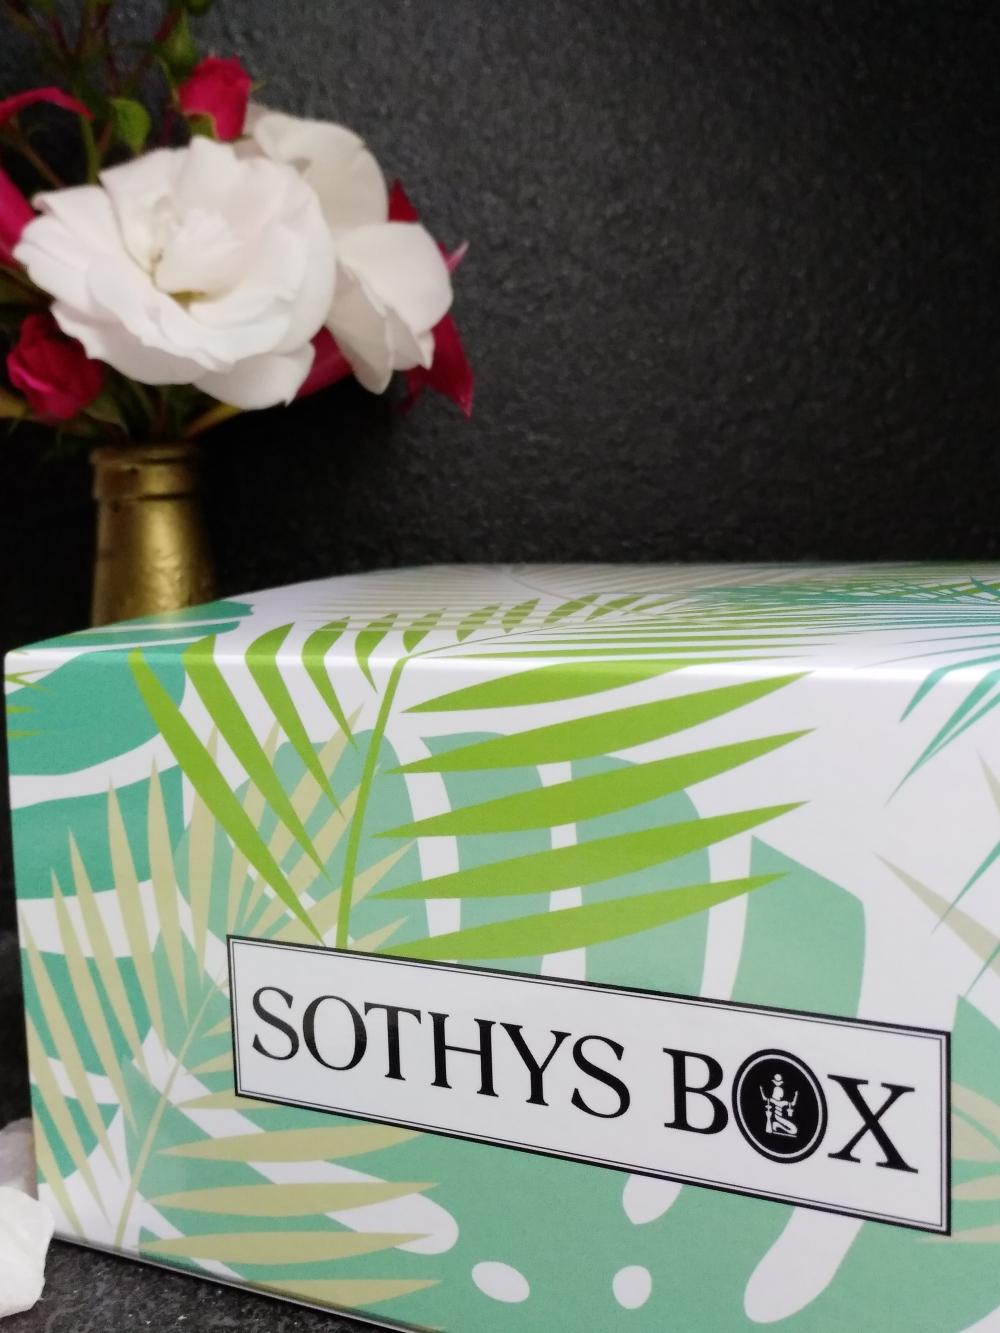 Sothys Box Summer Edition 2017